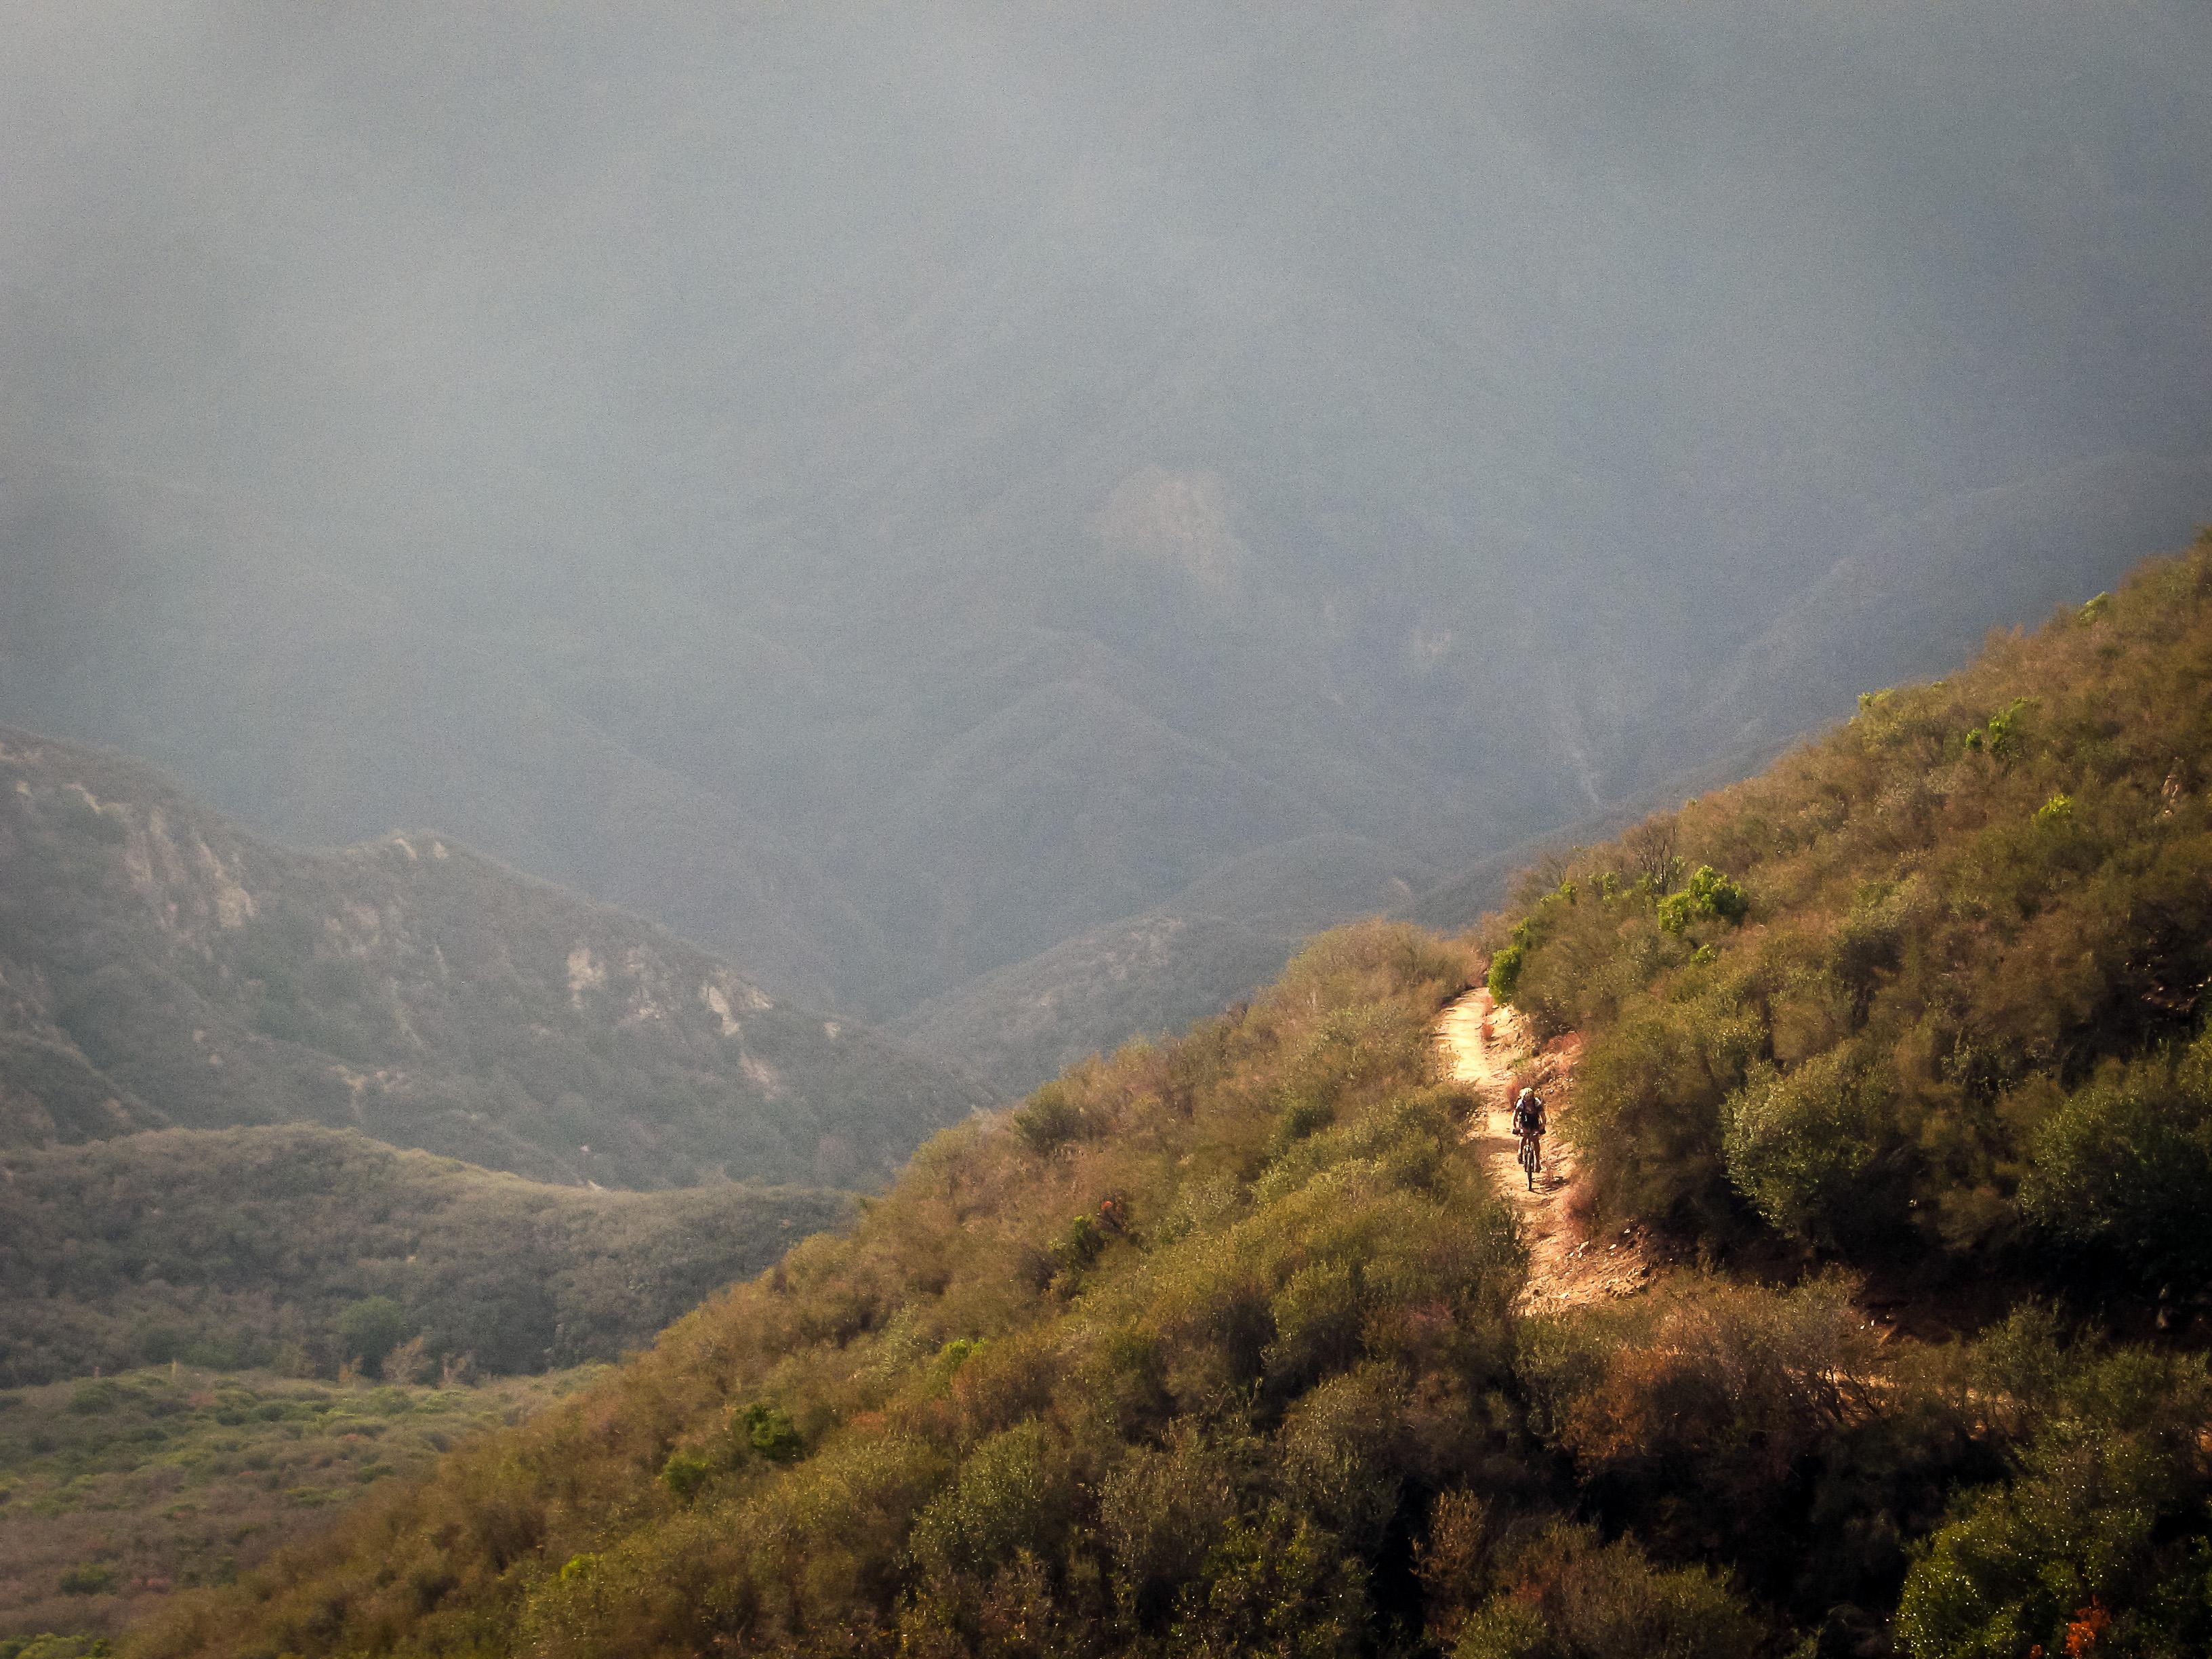 20071201007a-Condor Peak OTB, MTB